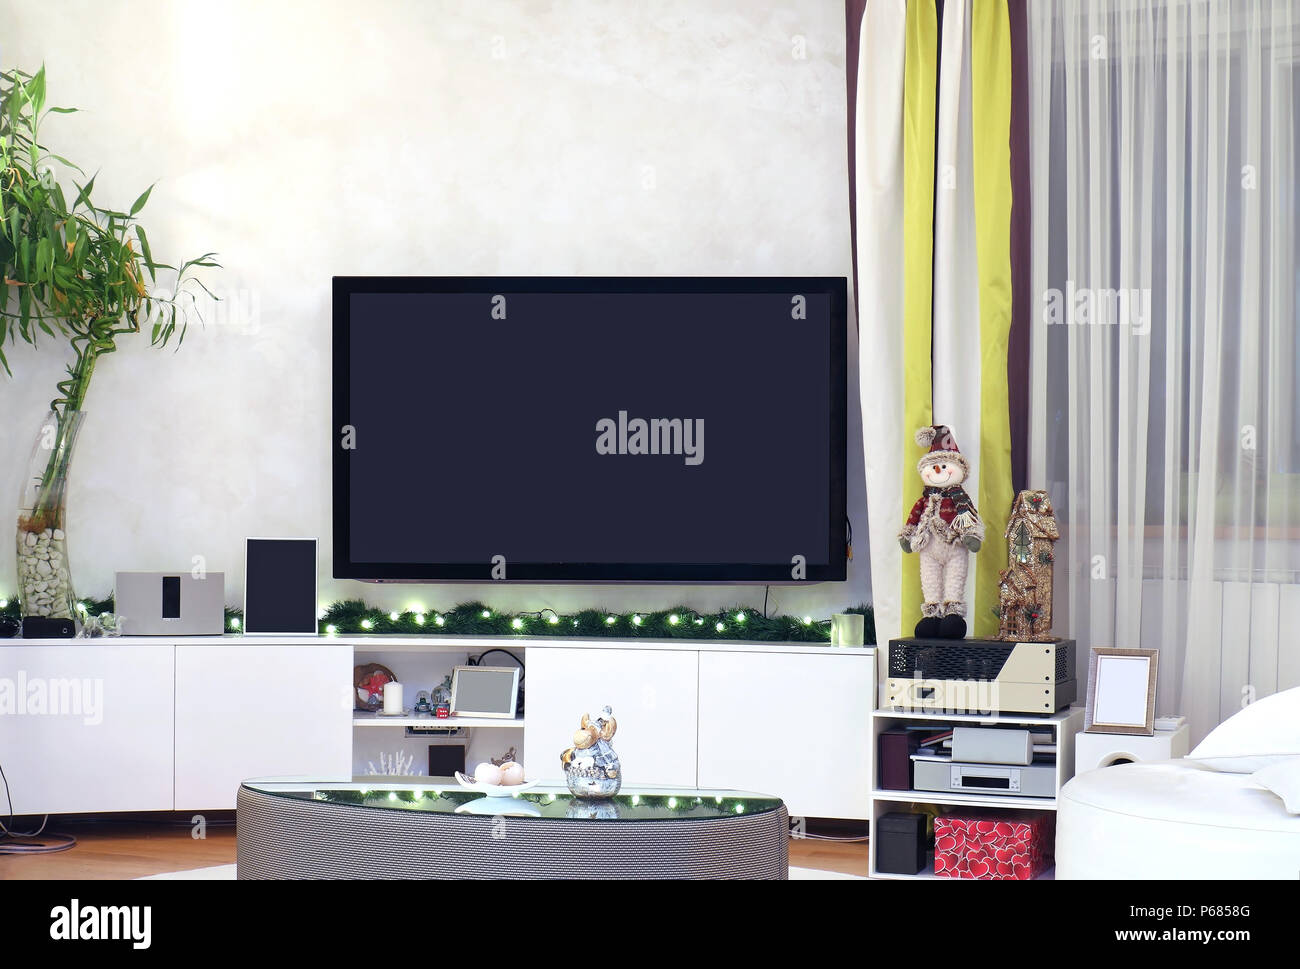 Weihnachtsbeleuchtung Wohnzimmer.Große Tv Innen Modernes Wohnzimmer Interieur Mit